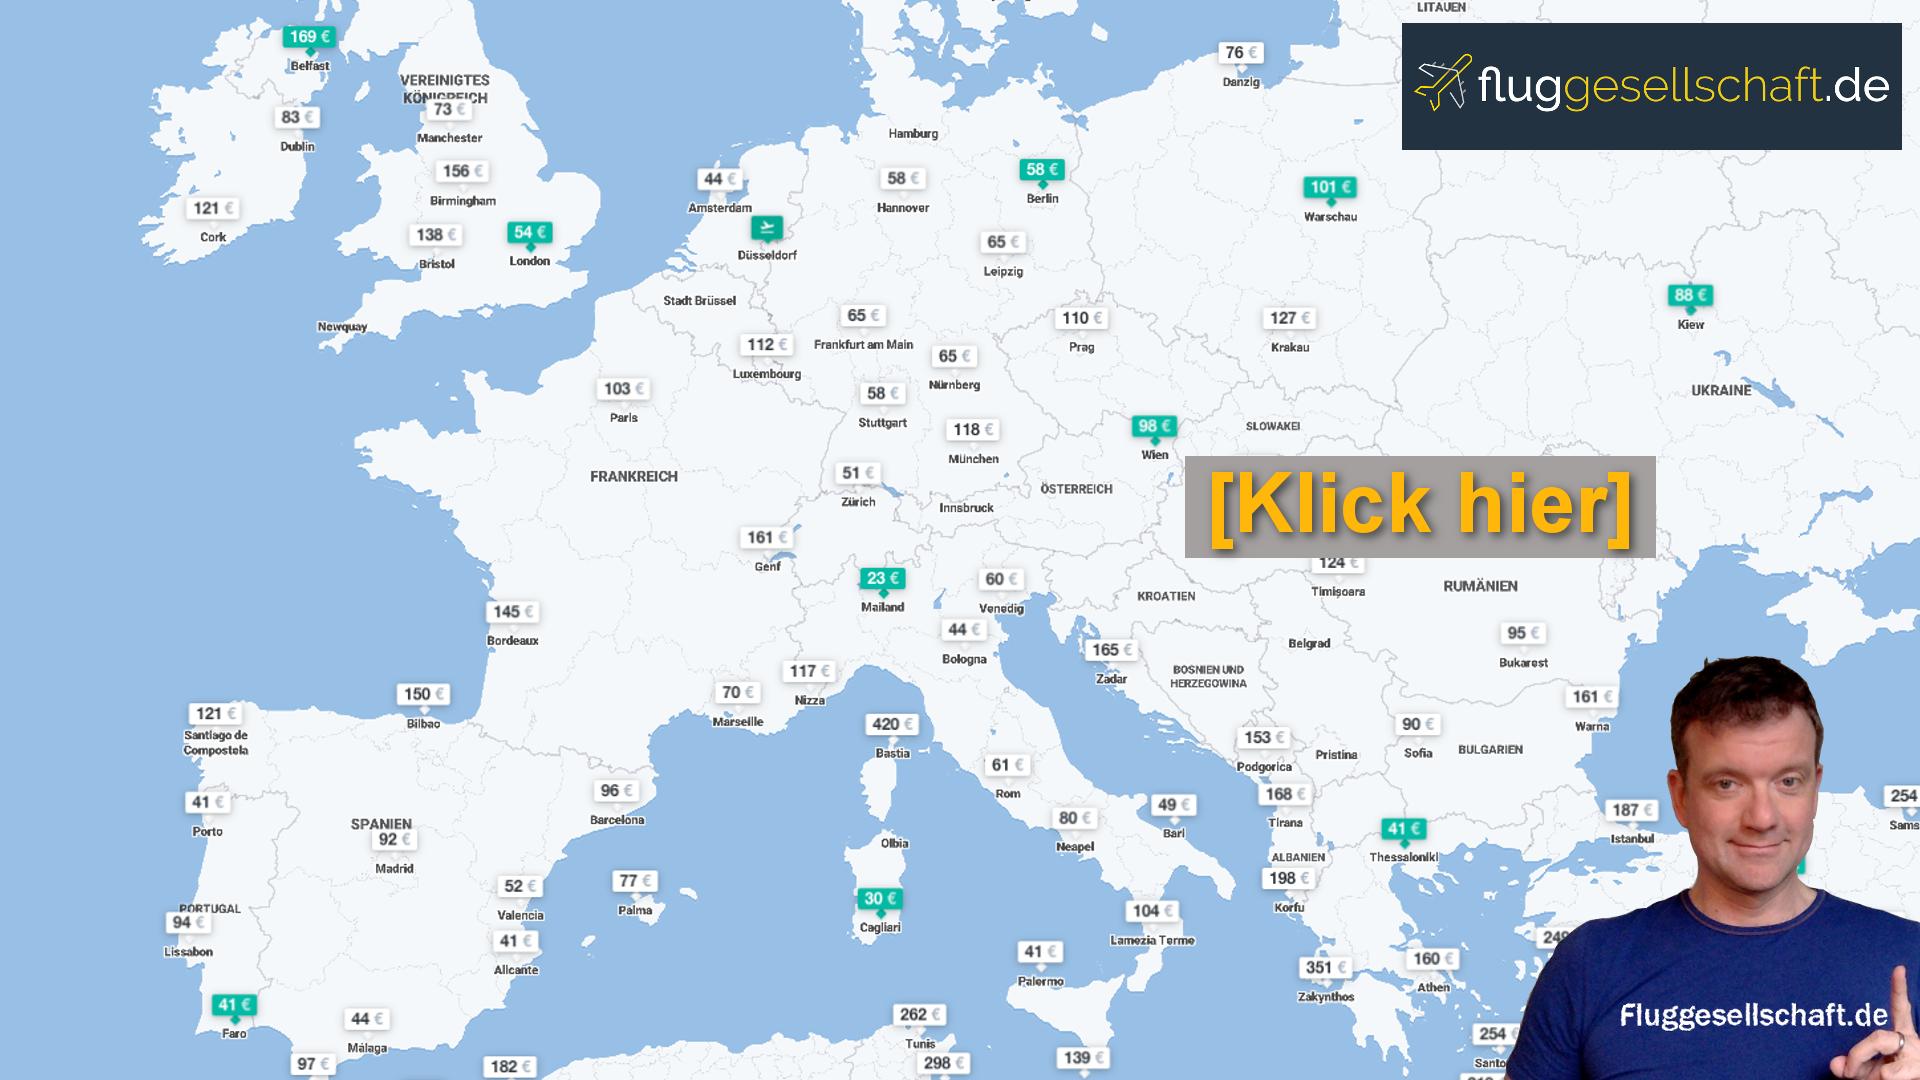 Flugrouten Karte Weltweit Lufthansa.Fluge Flughafen Toulouse Fluggesellschaft De